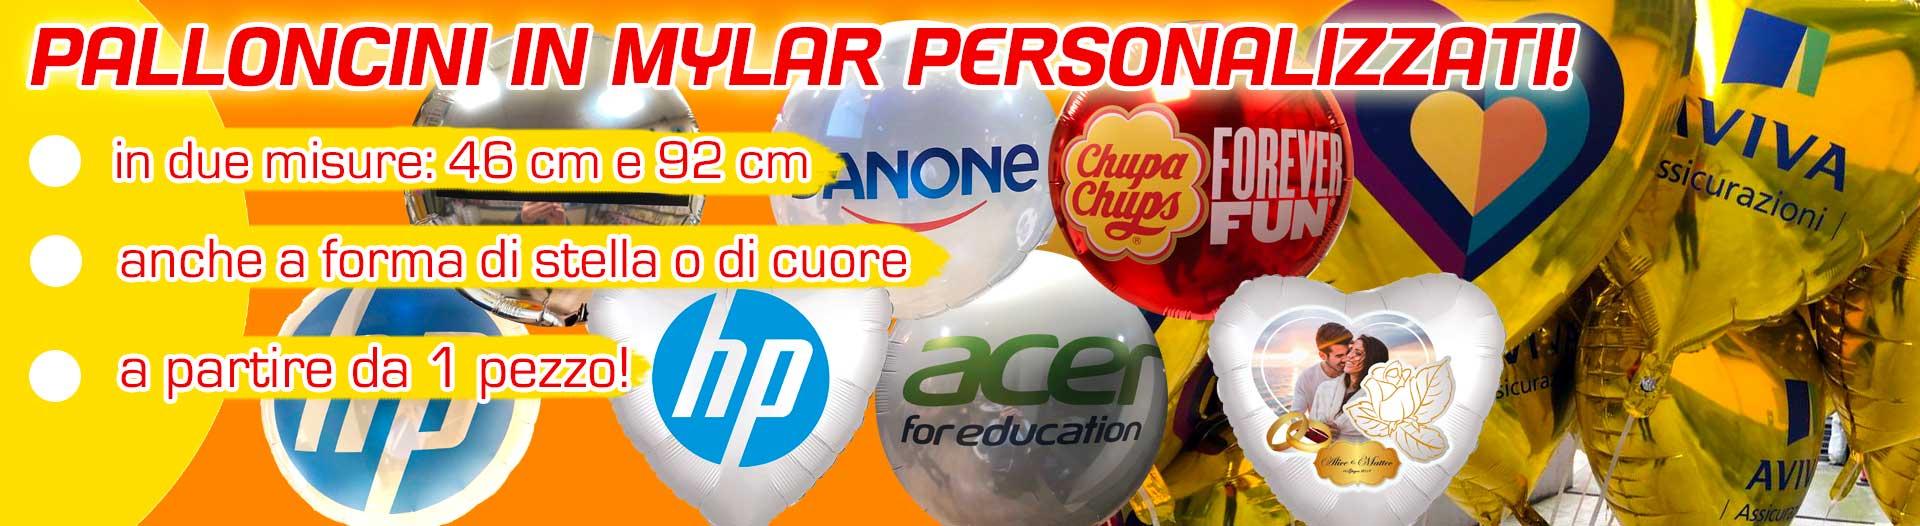 palloni-mylar-pubblicitari